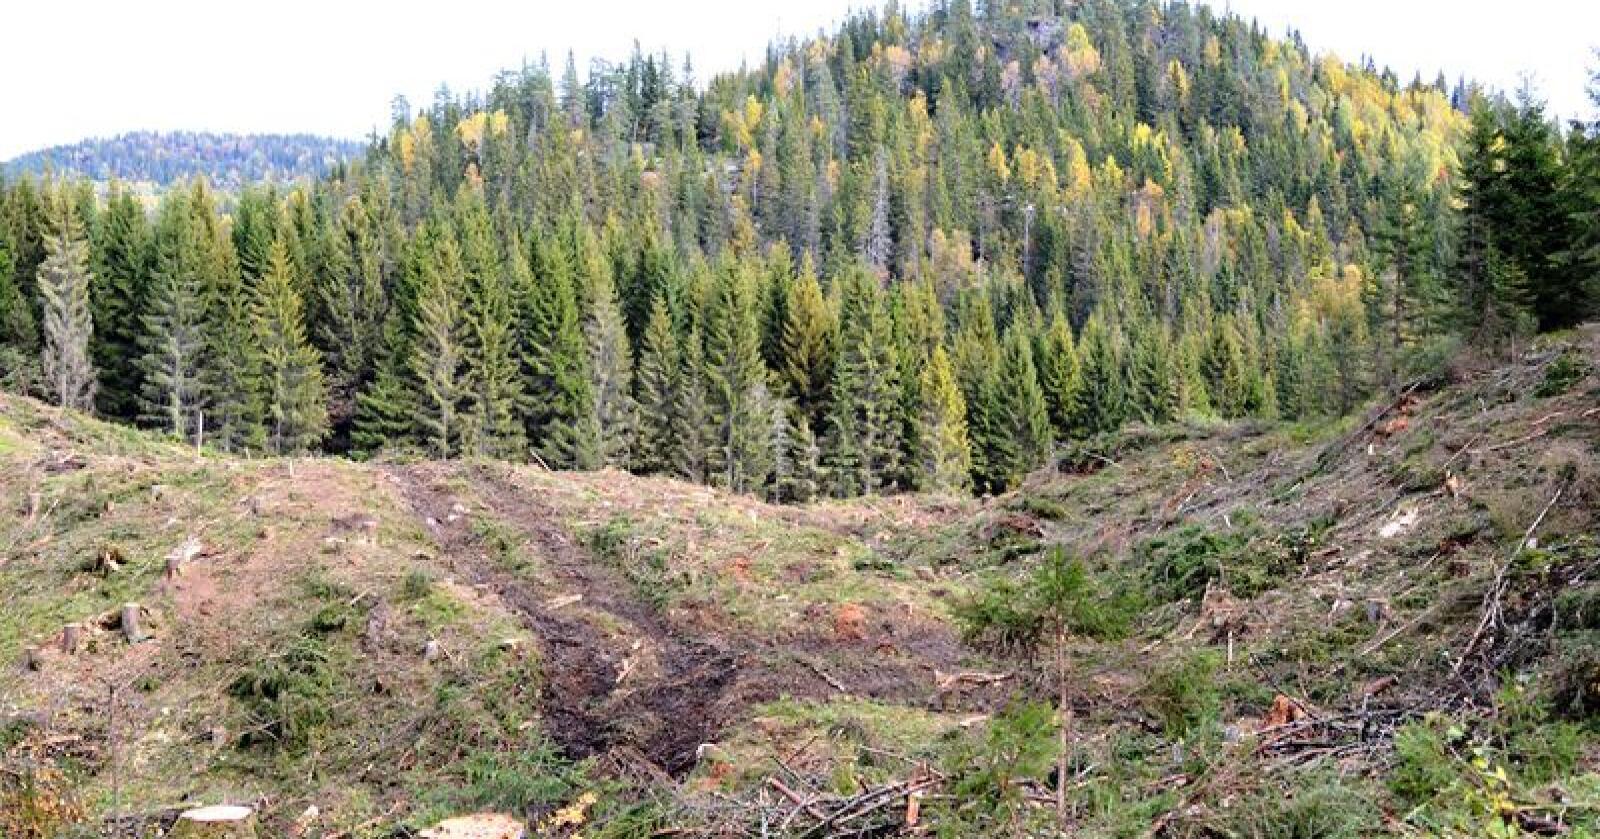 En ny rapport viser at andelen gammel skog er spesielt høy i fjellskogen og på lave boniteter. Arkivfoto: Bondebladet